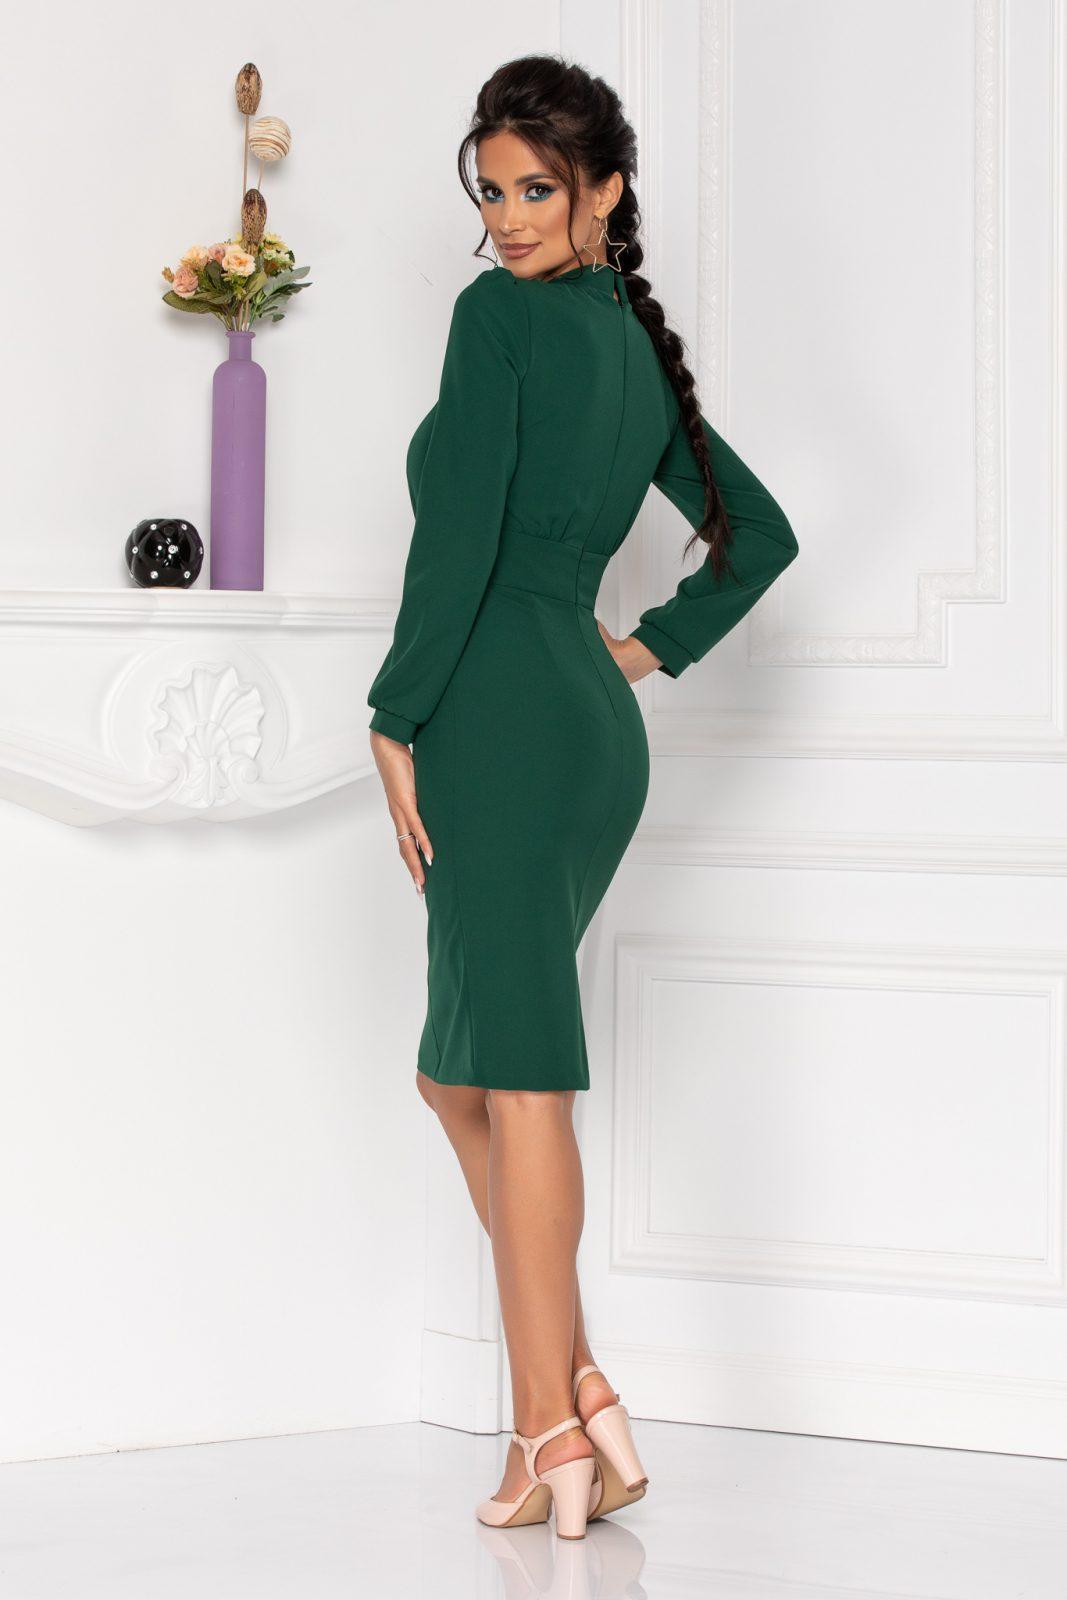 Πράσινο Φόρεμα Με Κουμπιά Moze Geneve 8421 1